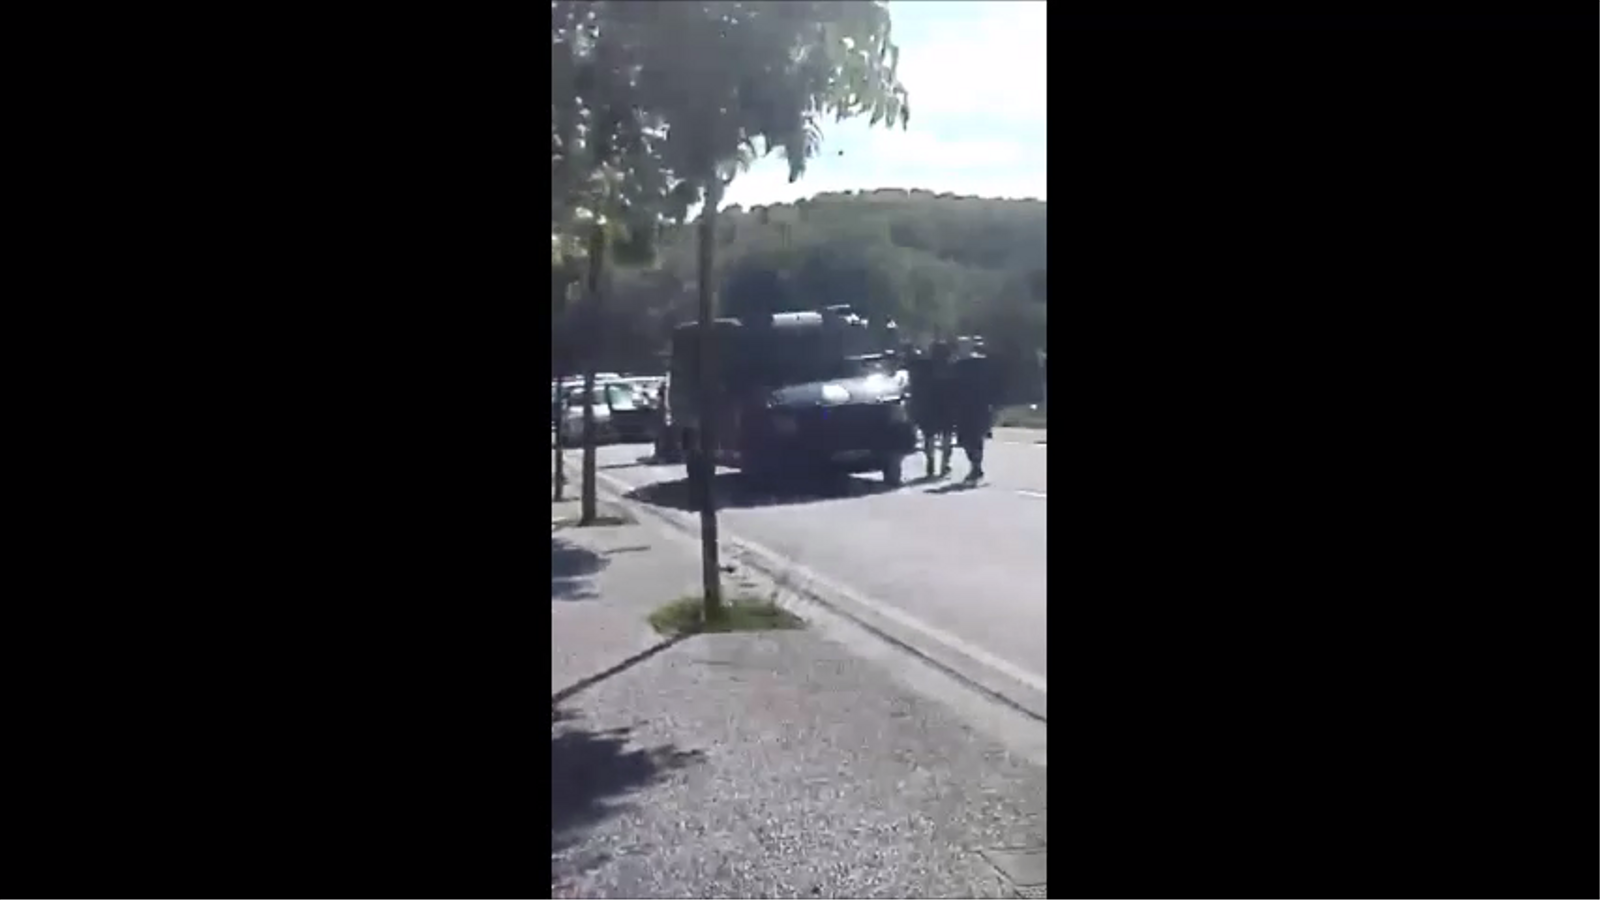 Uns vianants graven part de l'actuació dels agents de la Policia Nacional el 2 d'octubre del 2017